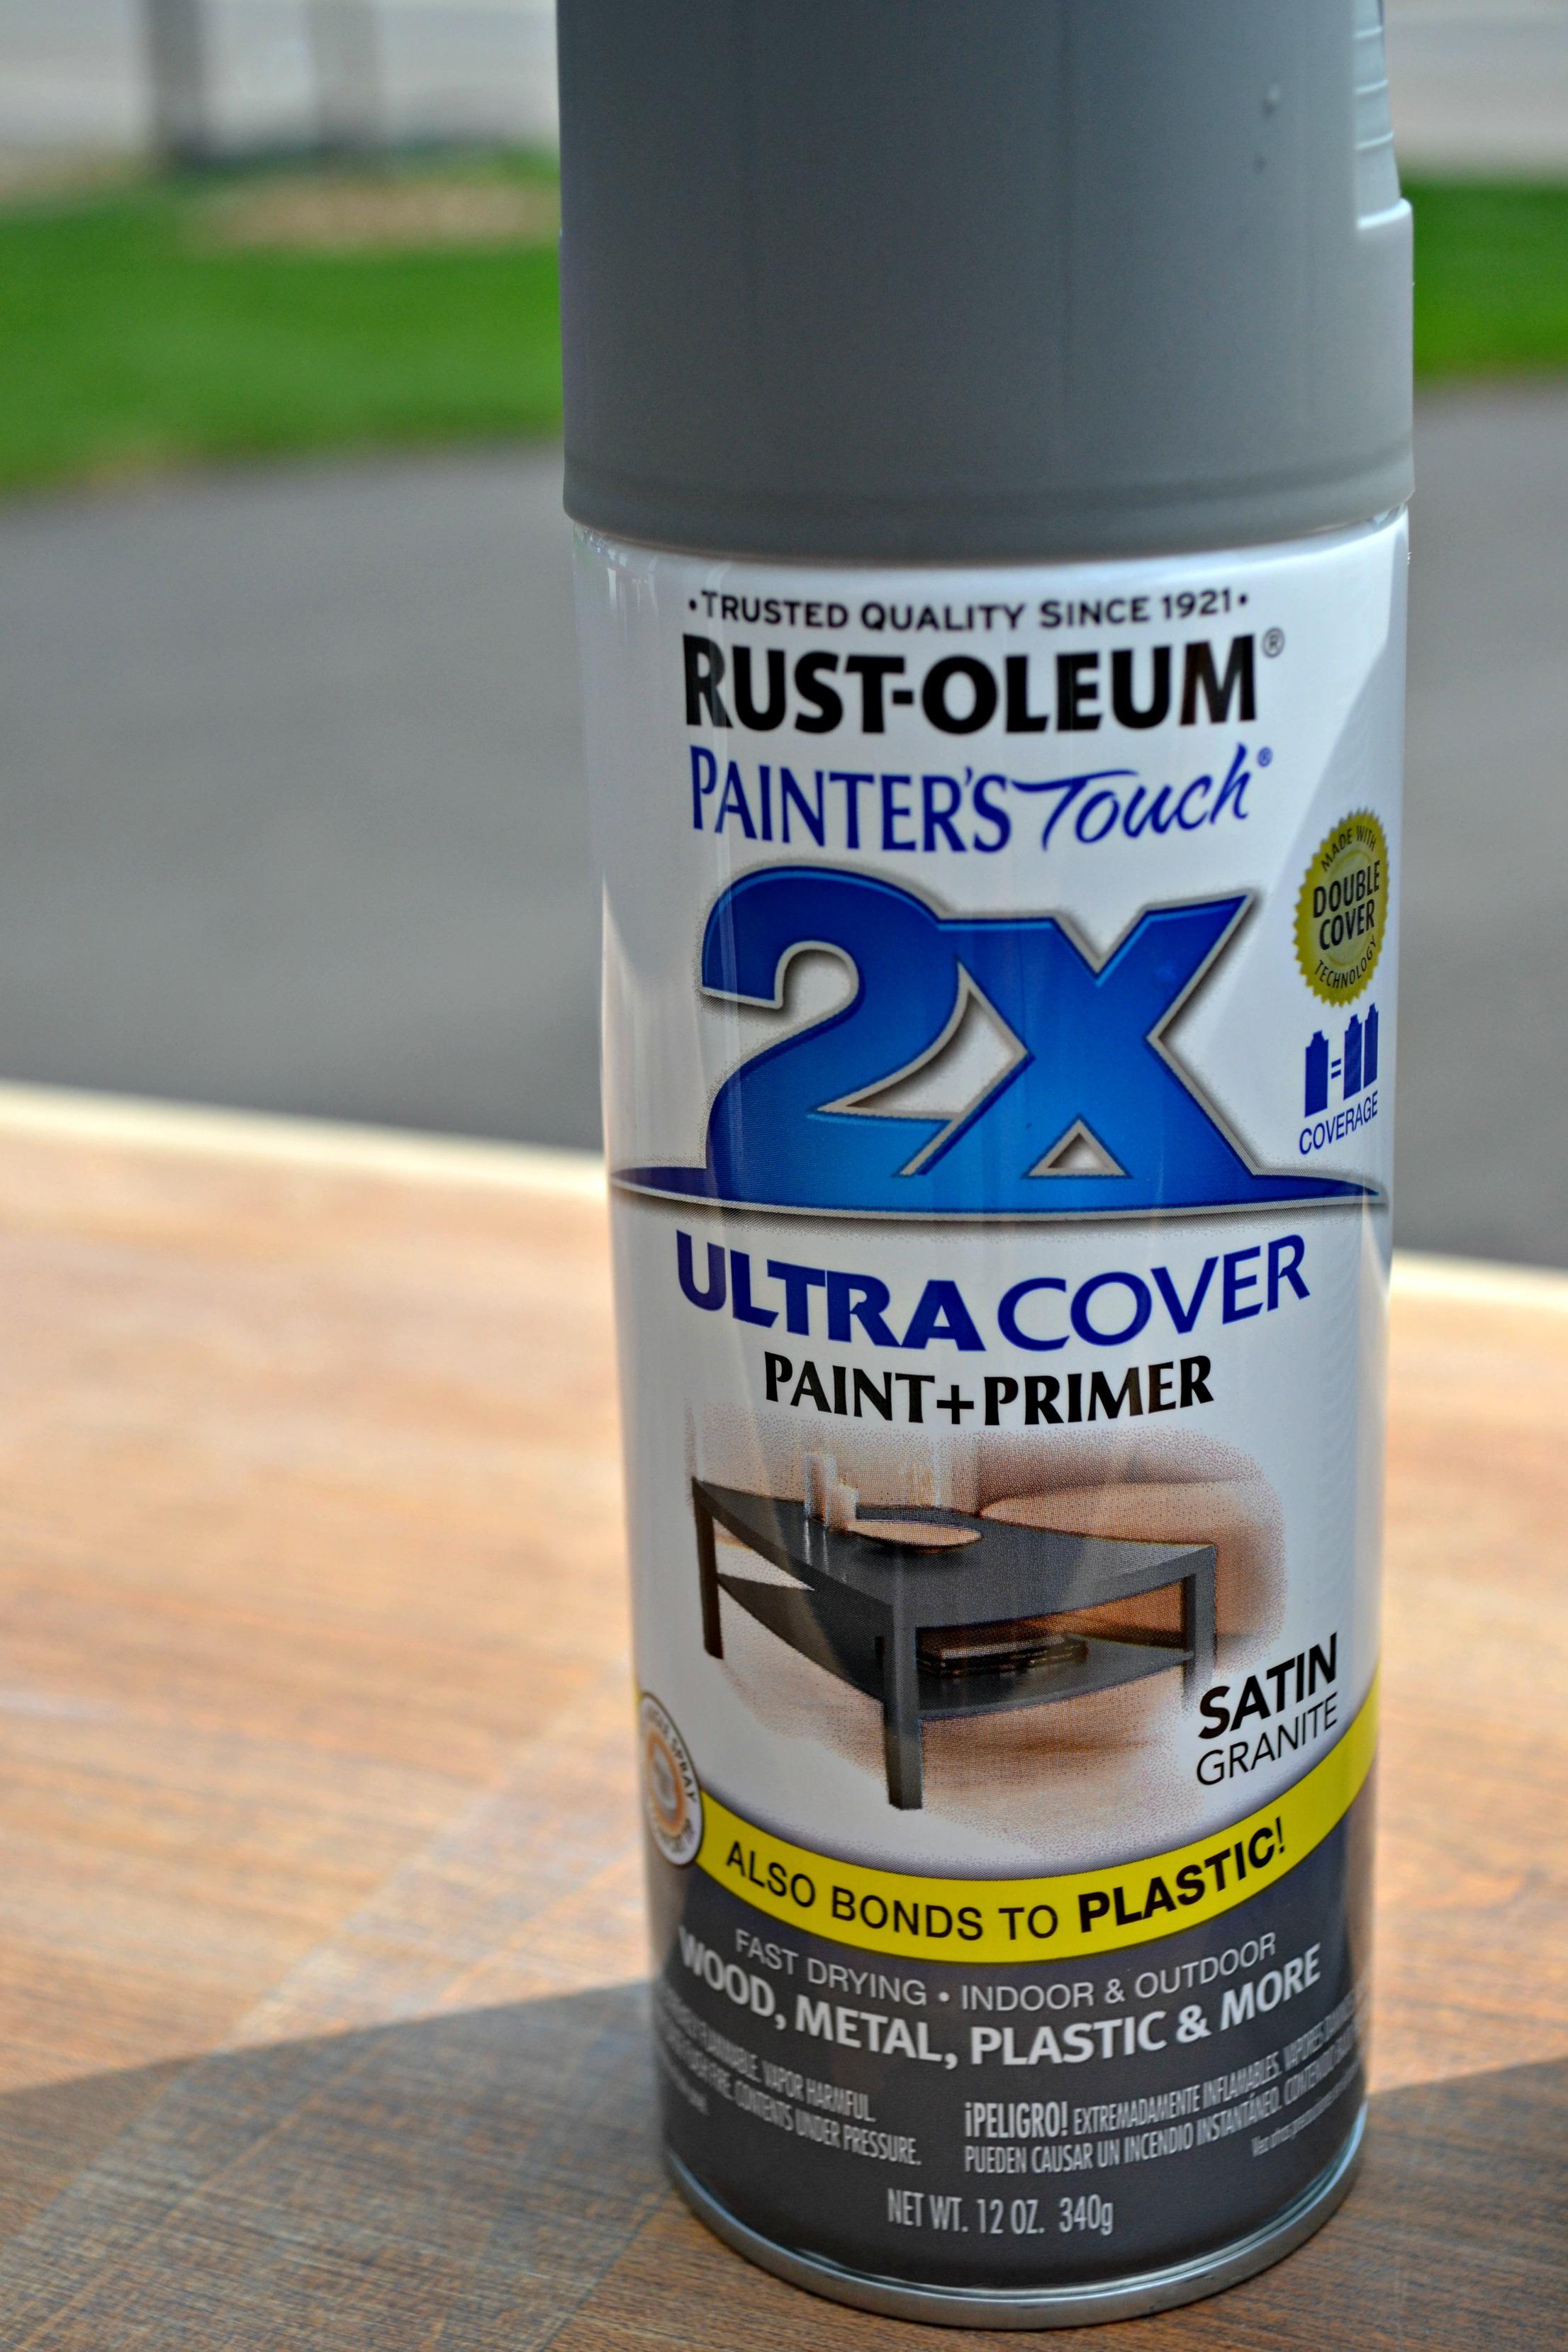 2x Coverage Spray Paint In Satin Granite